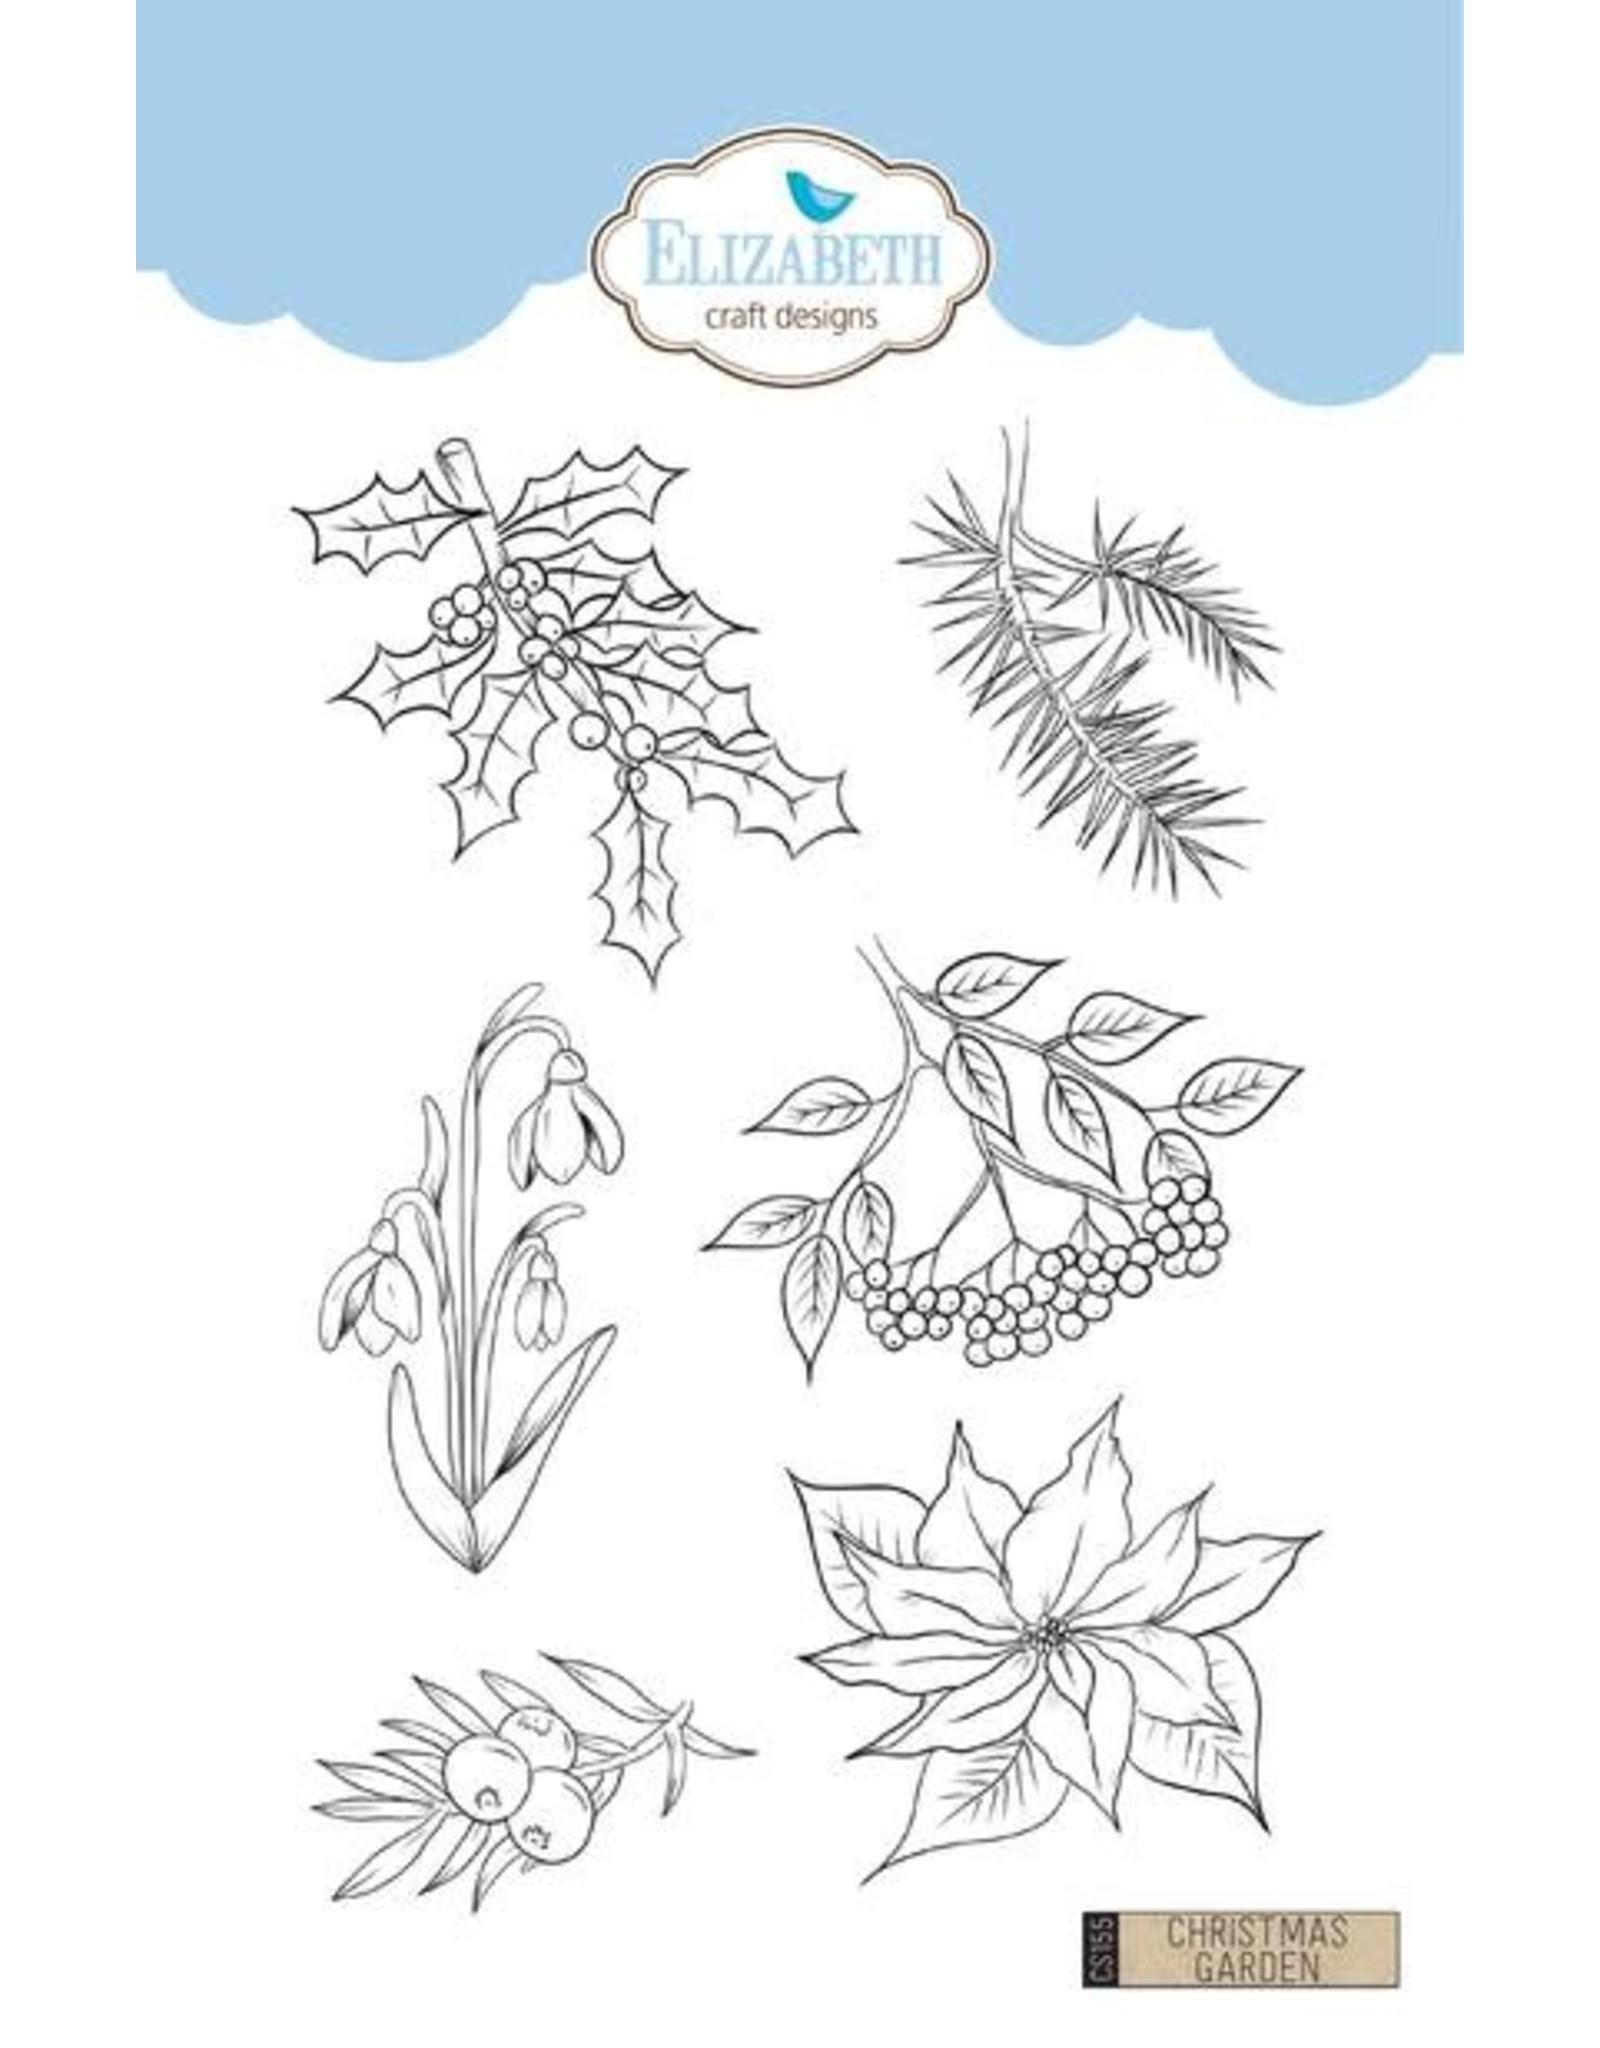 Elizabeth Craft Designs Elizabeth Craft Designs Christmas Garden CS155  Charlene vd Vorst